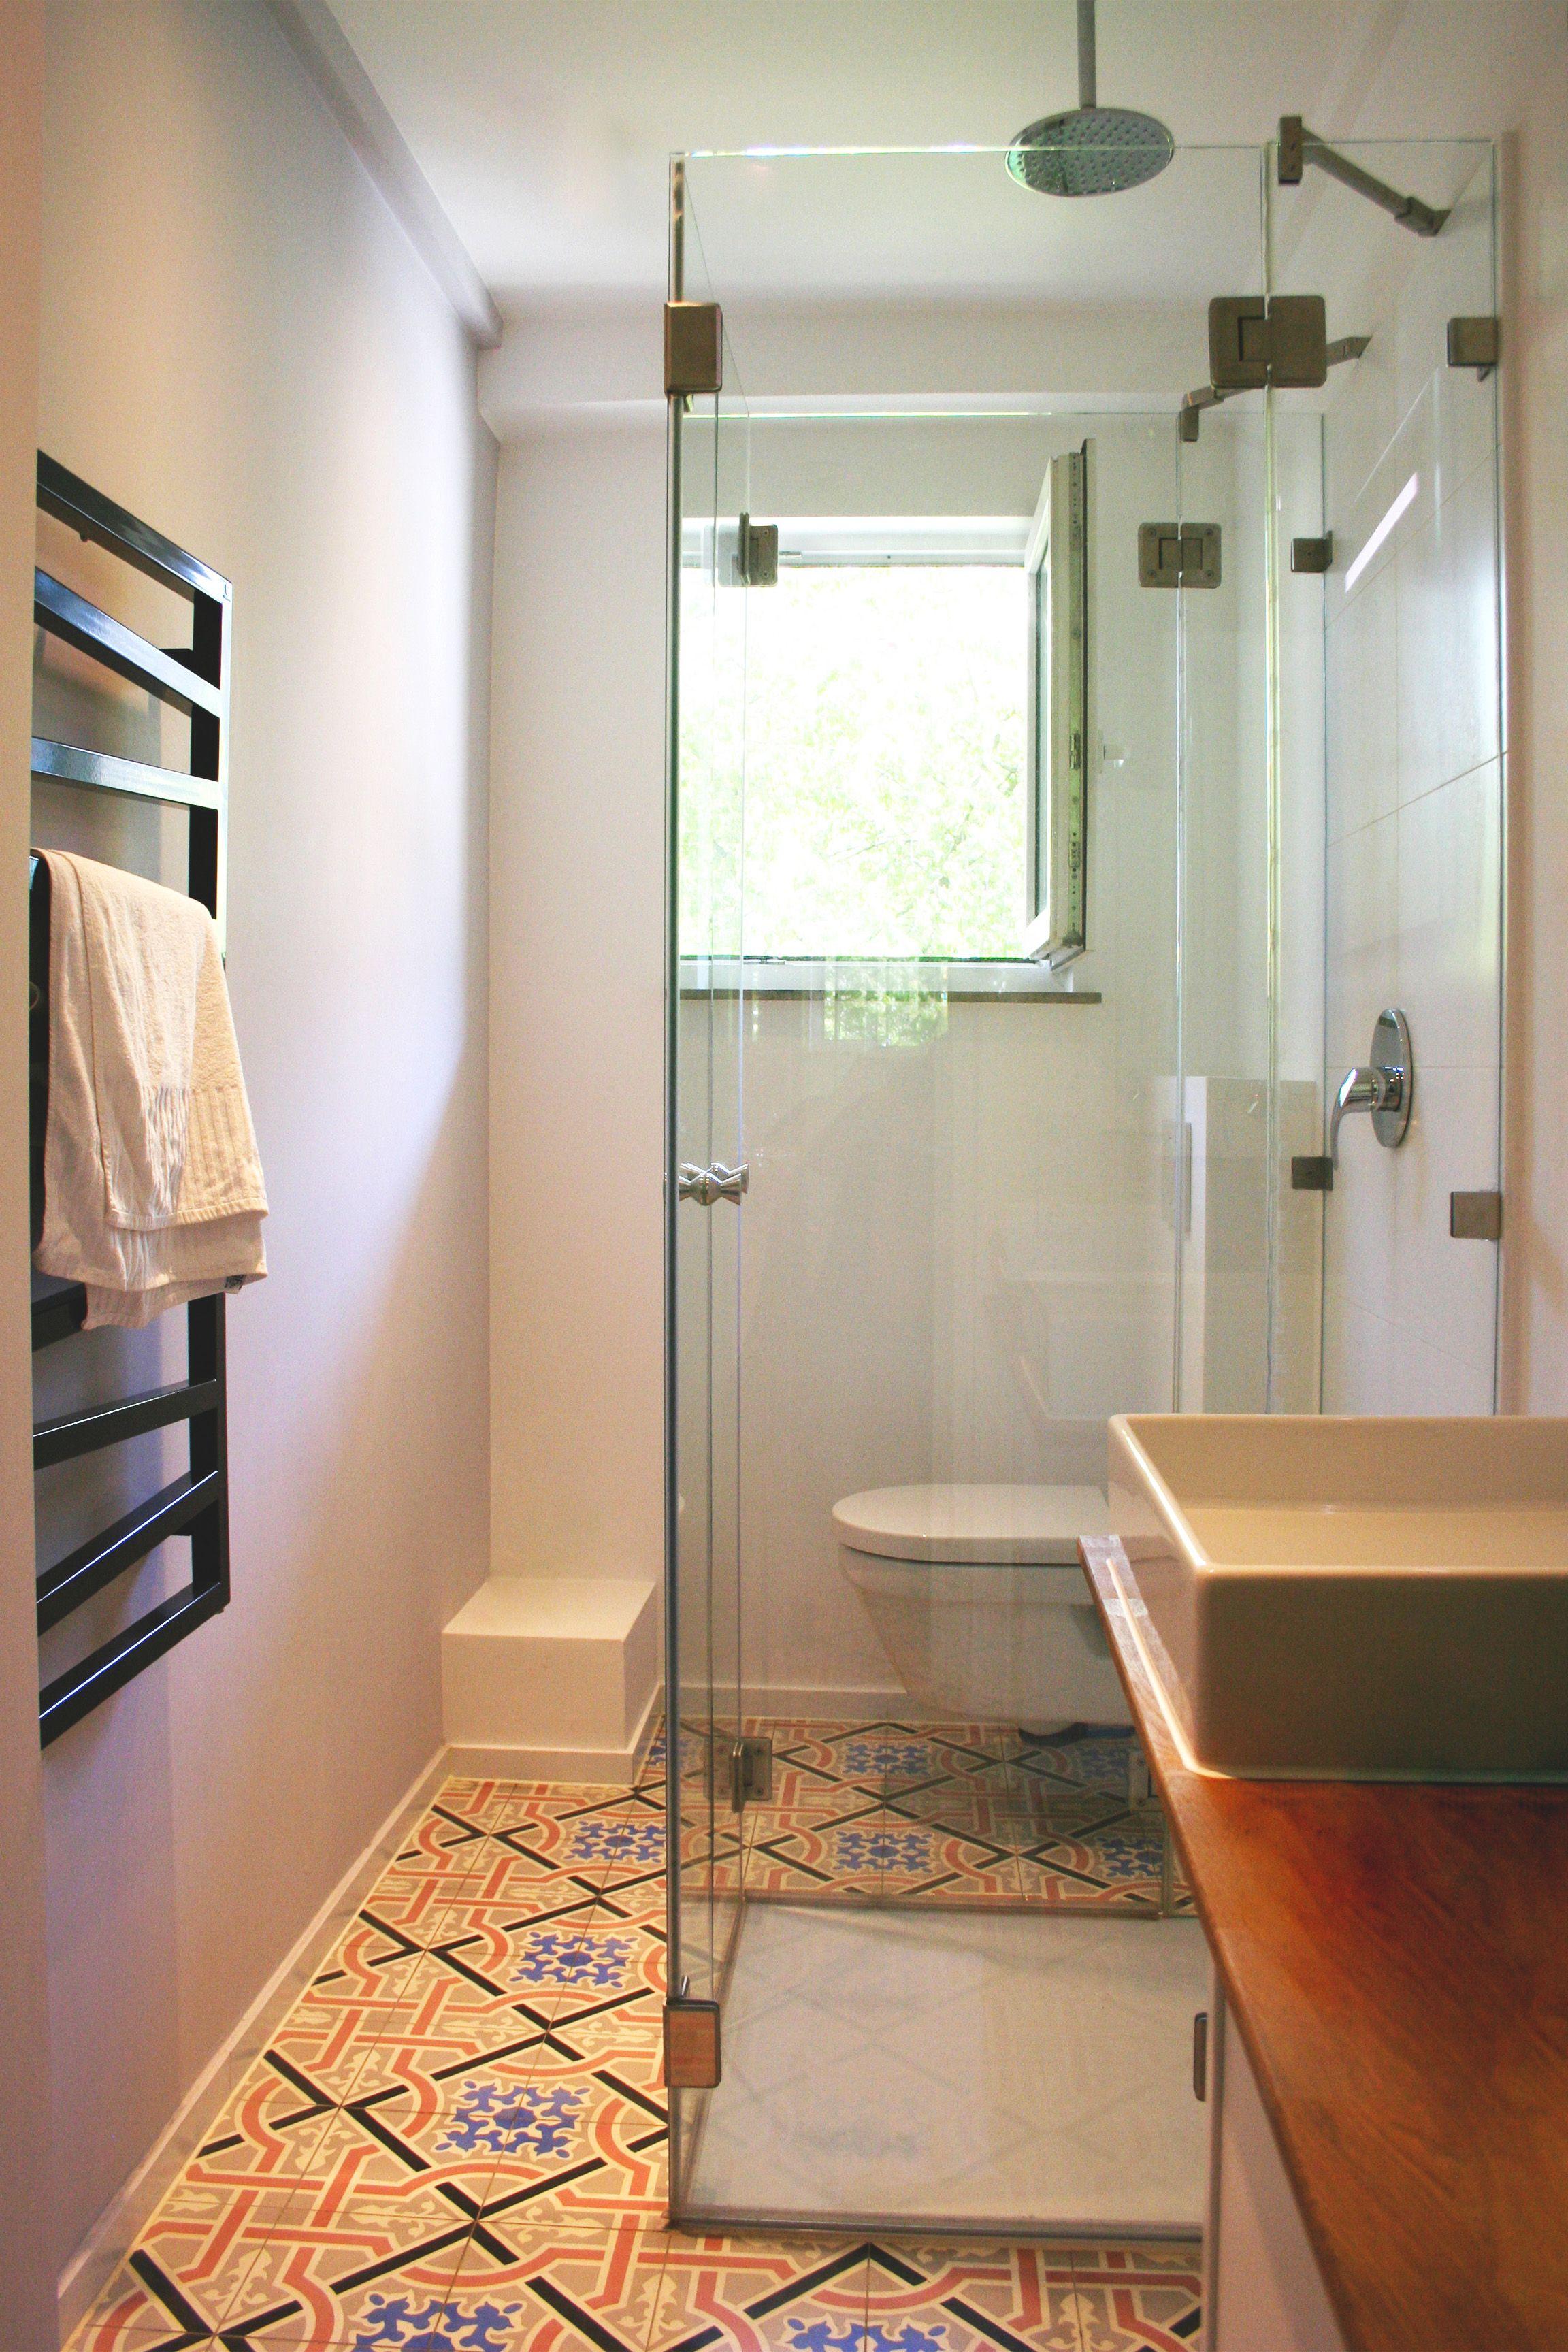 Ausgeklappte Faltbare U Dusche Ideal Fur Beengte Badezimmer